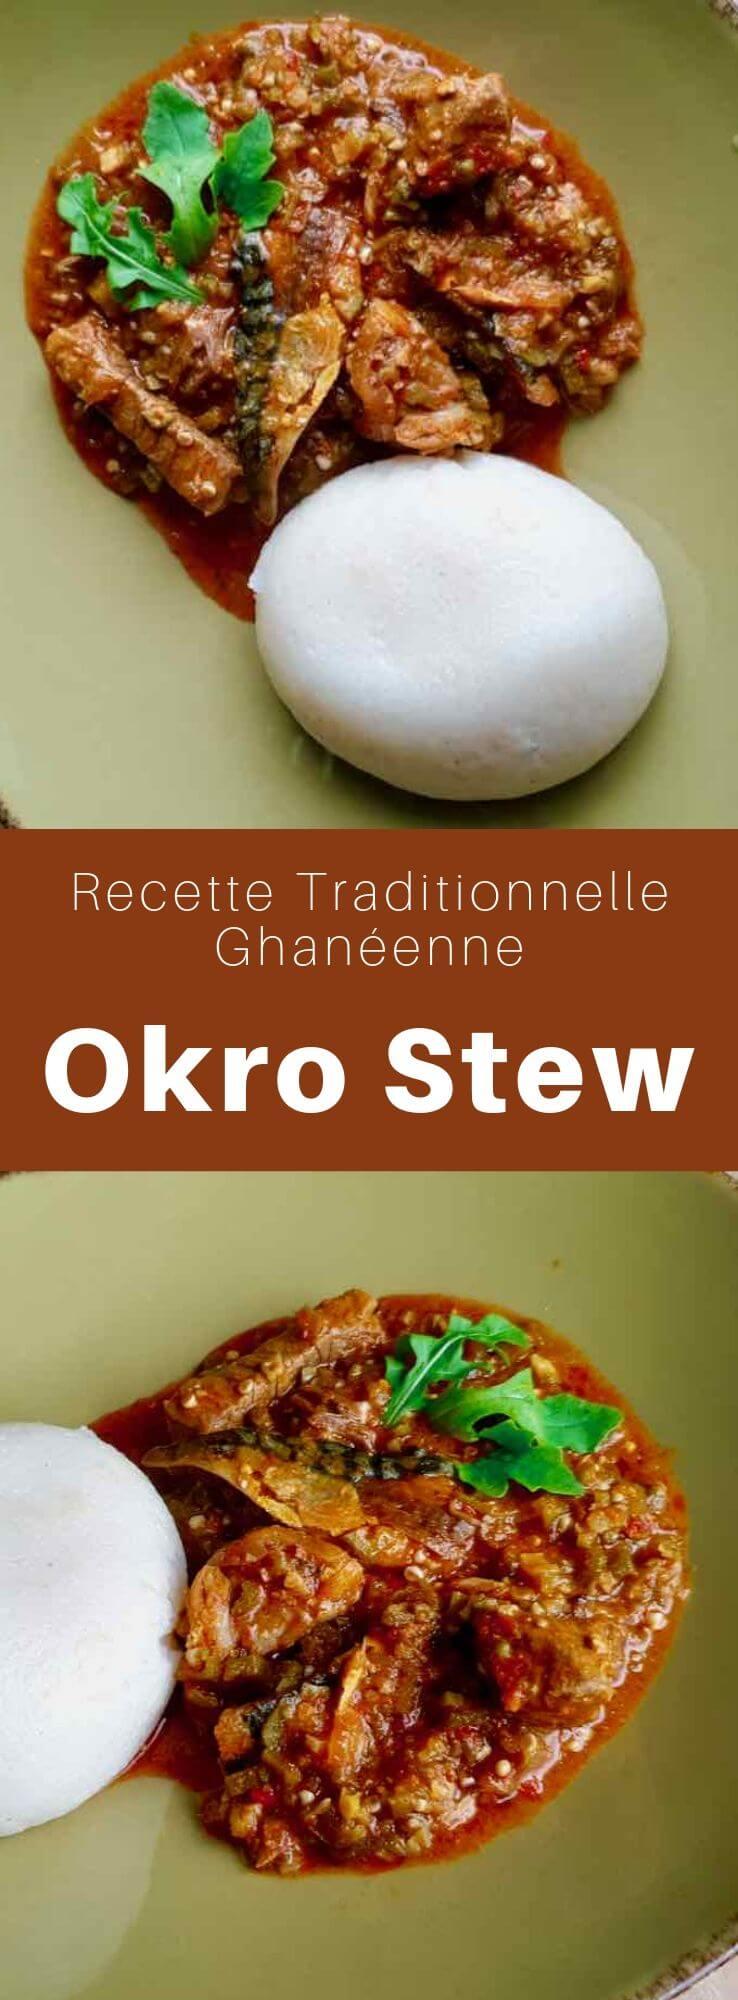 L'okro stew (okra stew) est un plat national ghanéen préparé avec des tomates, de l'huile de palme rouge, des oignons, des tomates, des épices et du gombo haché finement. #Ghana #Afrique #AfriqueDeLouest #RecetteAfricaine #CuisineAfricaine #CuisineDuMonde #196flavors